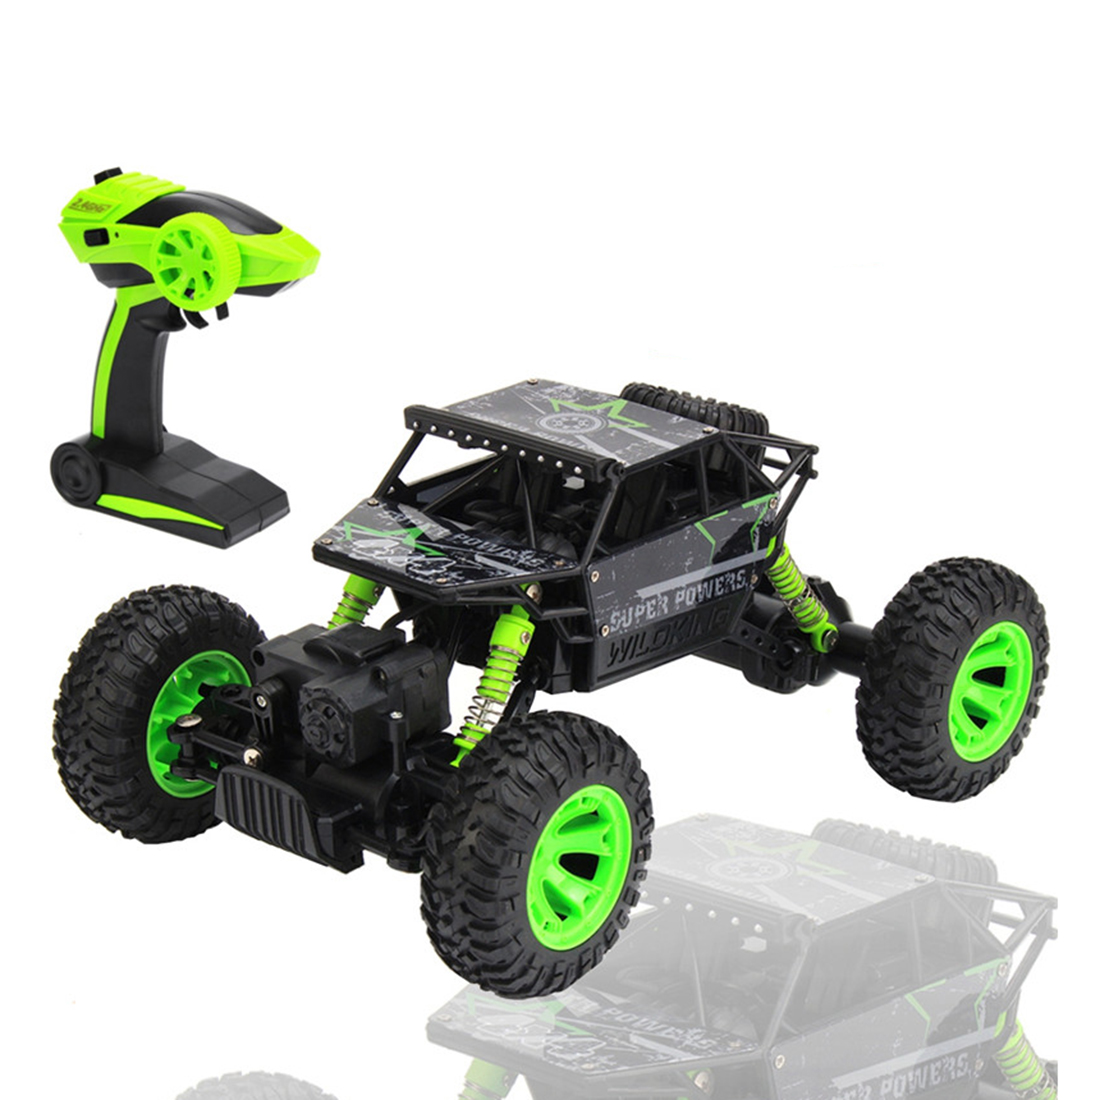 1:18 Scale 4WD 2.4GHz RC Car 4x4 Rock Crawlers climbing Car Off Road Race Big wheel Car Remote Control, EU Plug, toys for boys